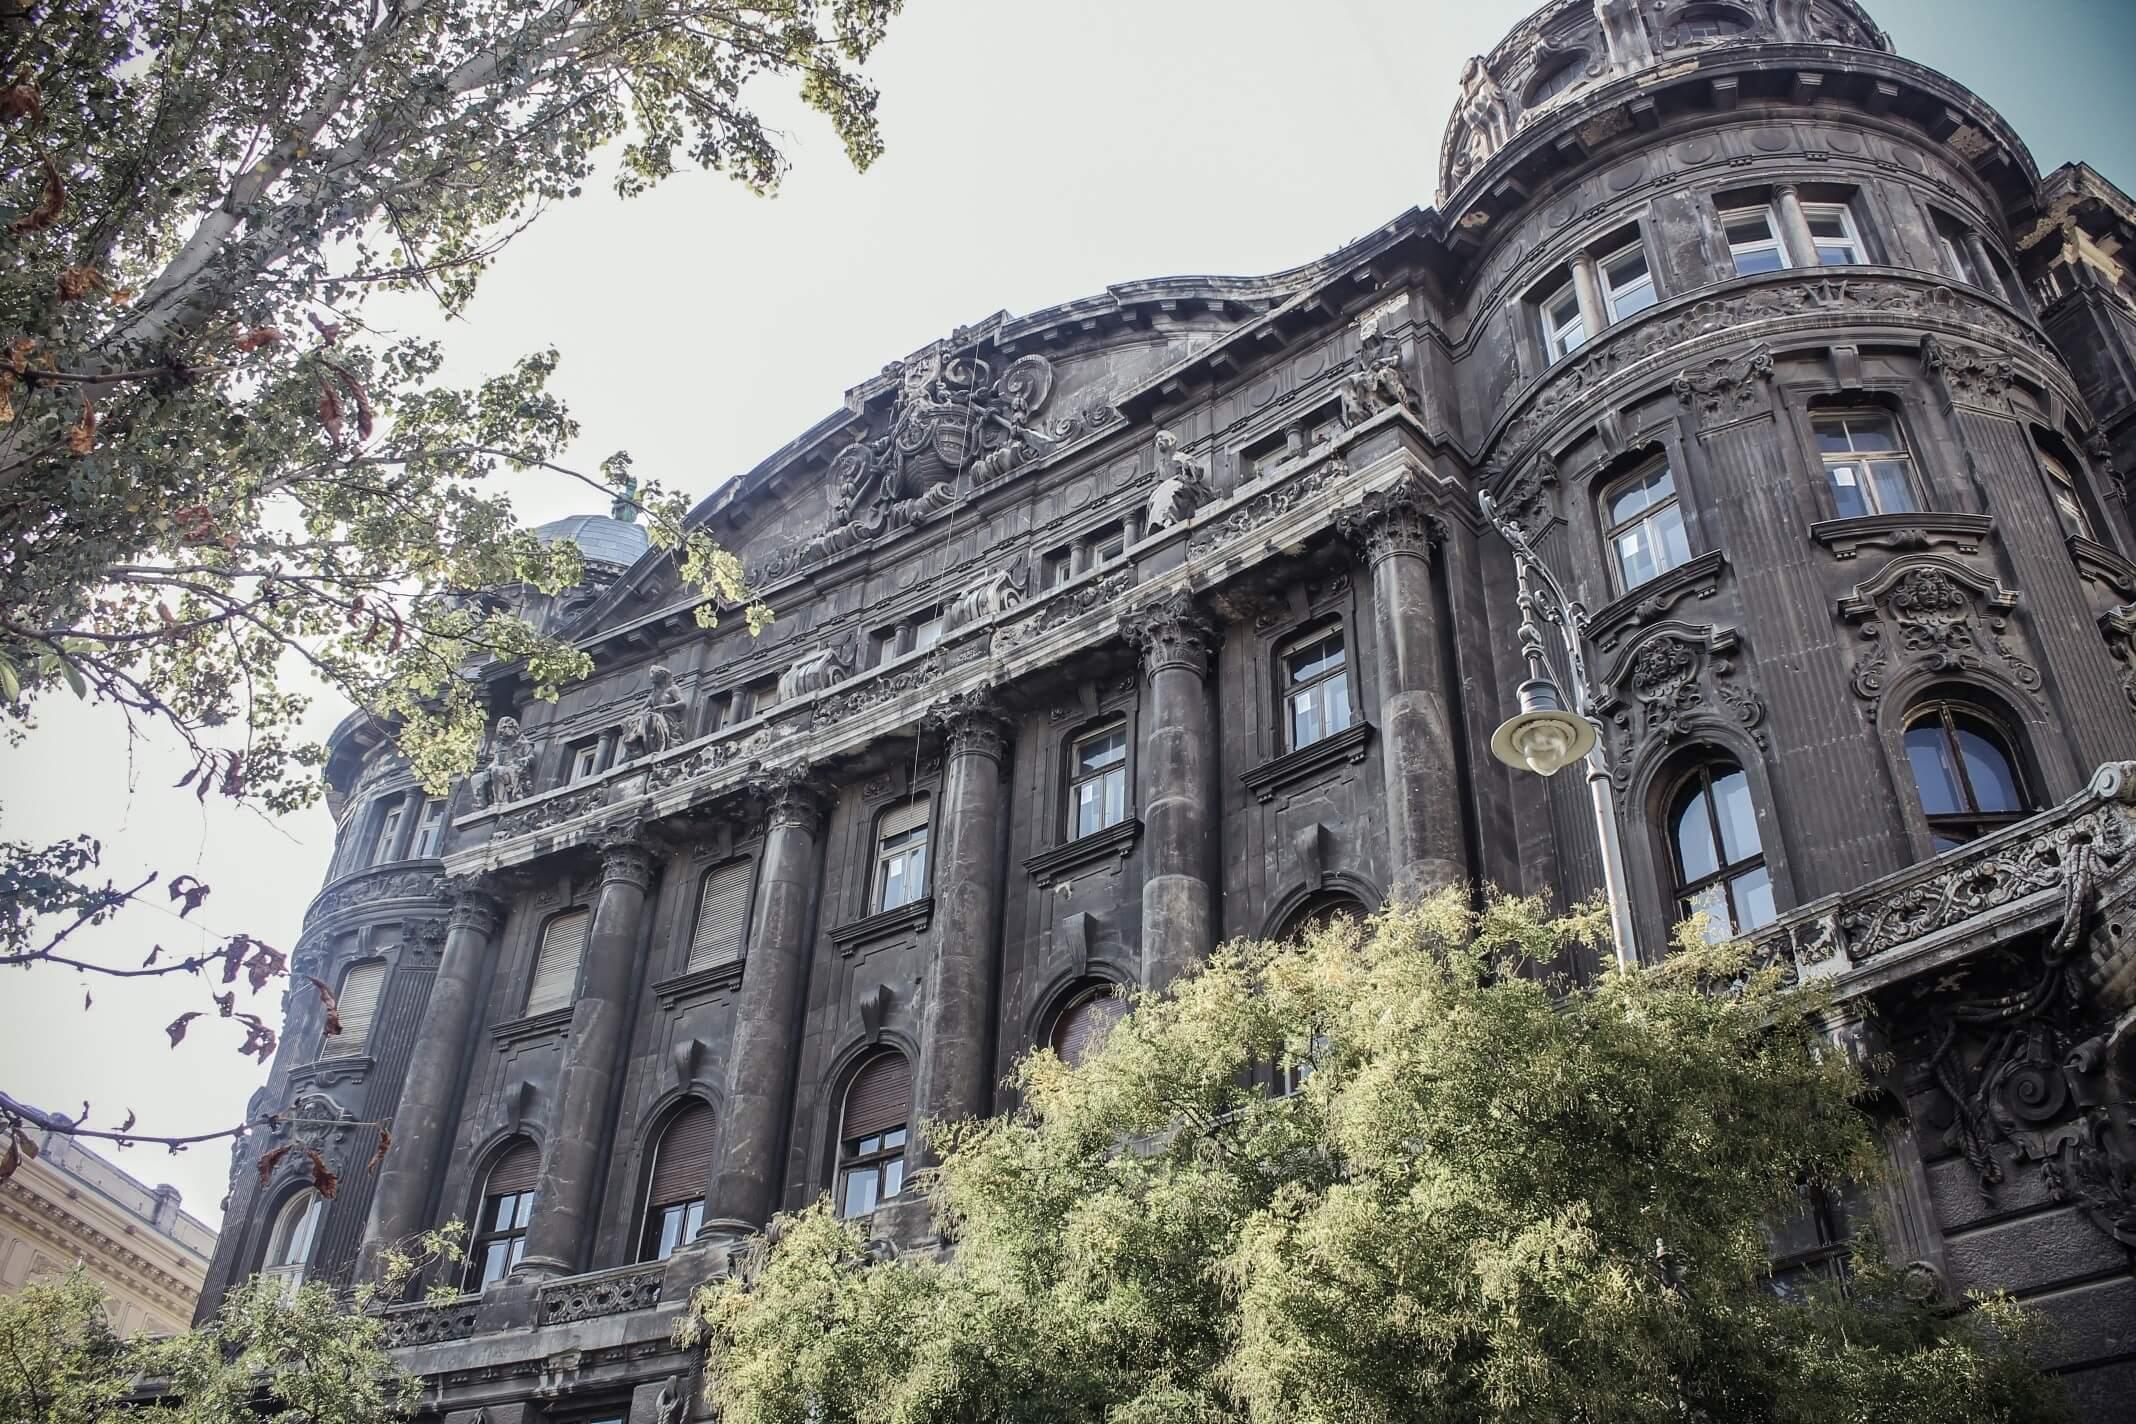 Restaurálják a hollywoodi jeleneteknek otthont adó palotát